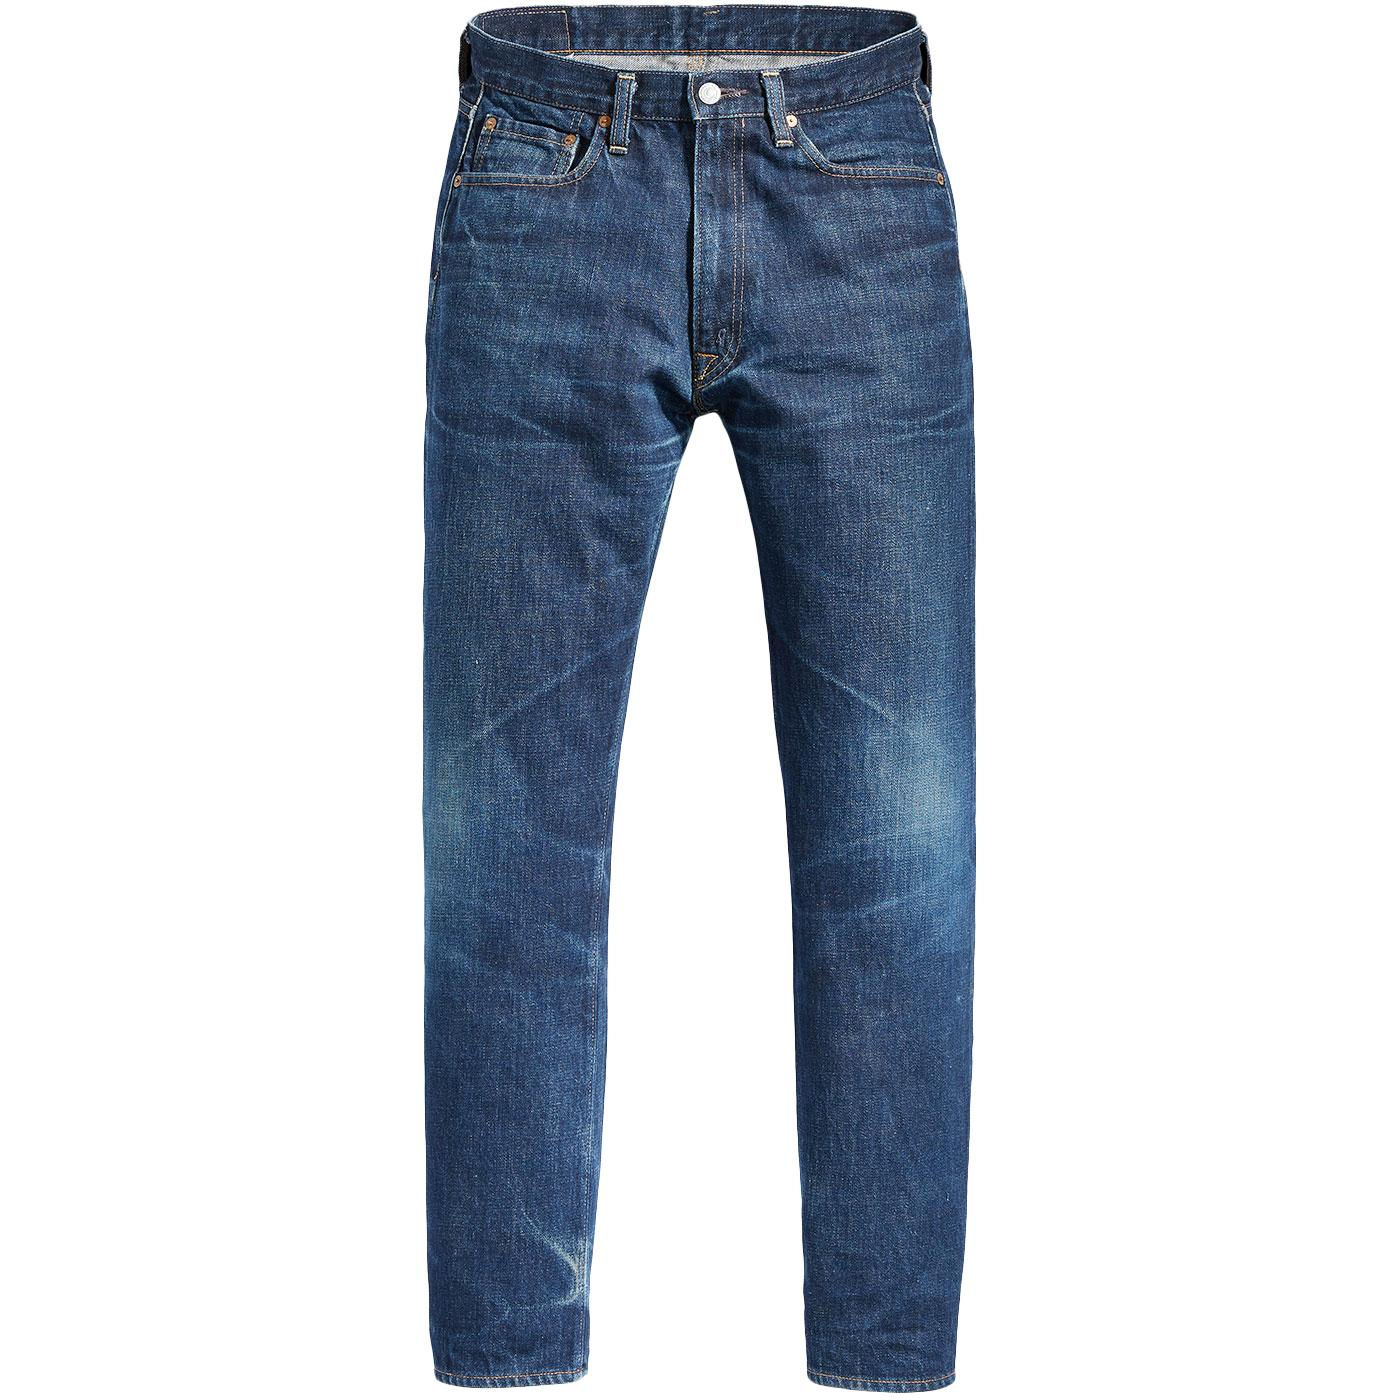 LEVI'S 512 Slim Taper Denim Jeans (Adriatic Adapt)